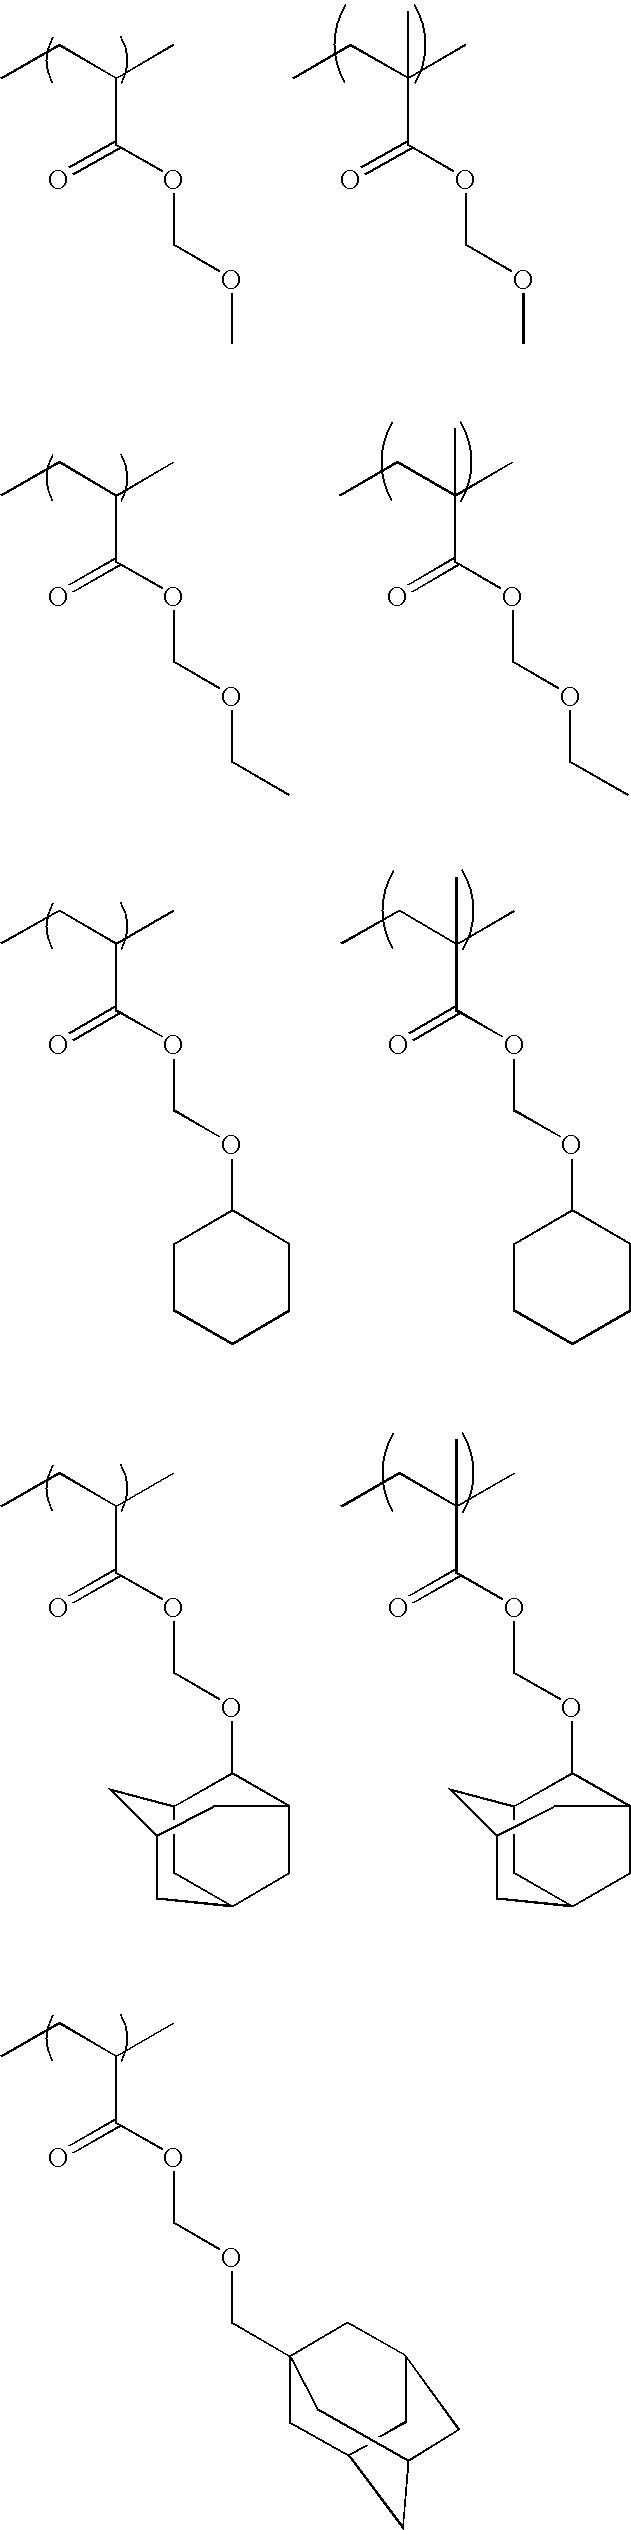 Figure US20090280434A1-20091112-C00050